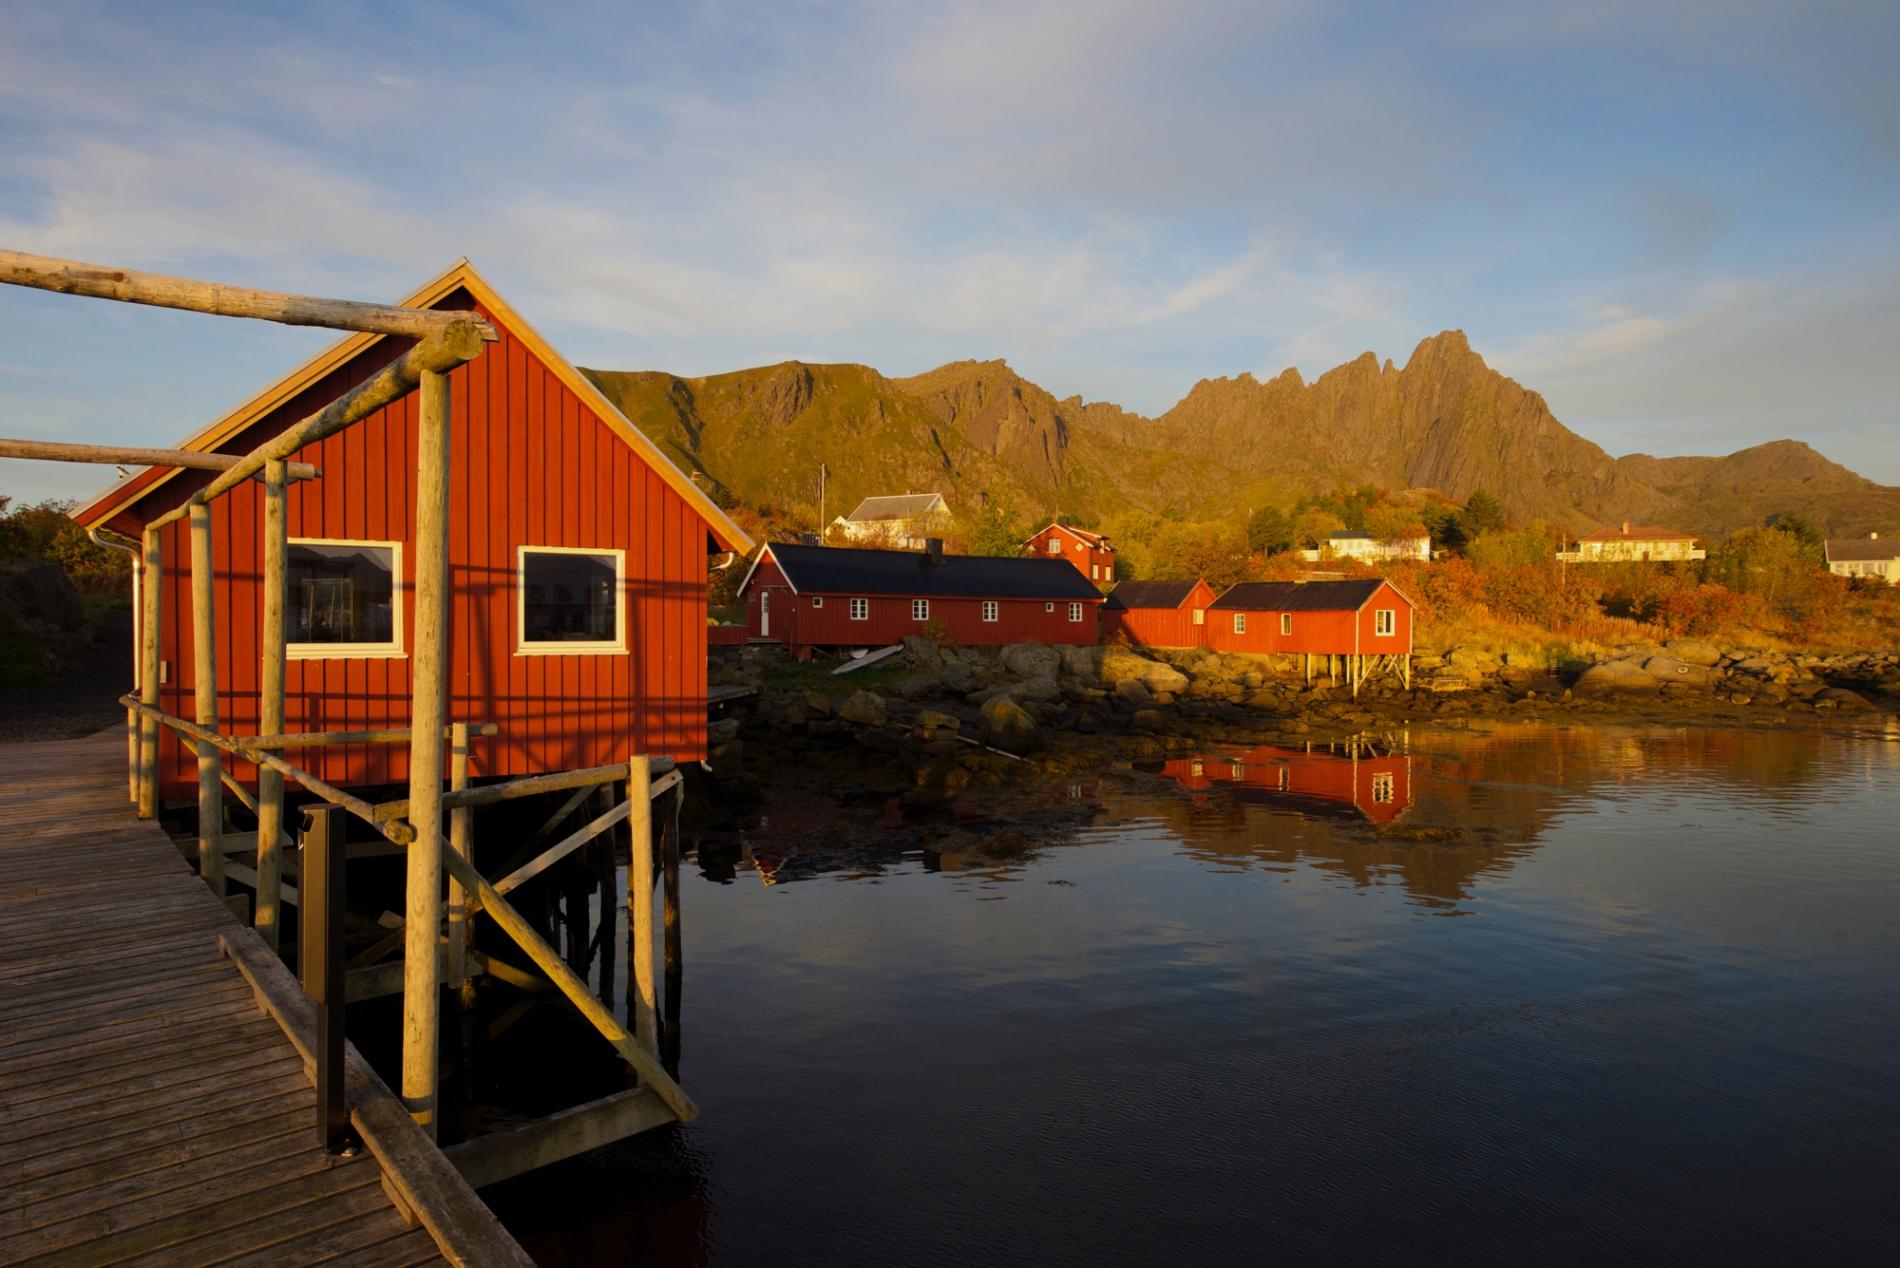 ひなびた漁村に建つロルブー